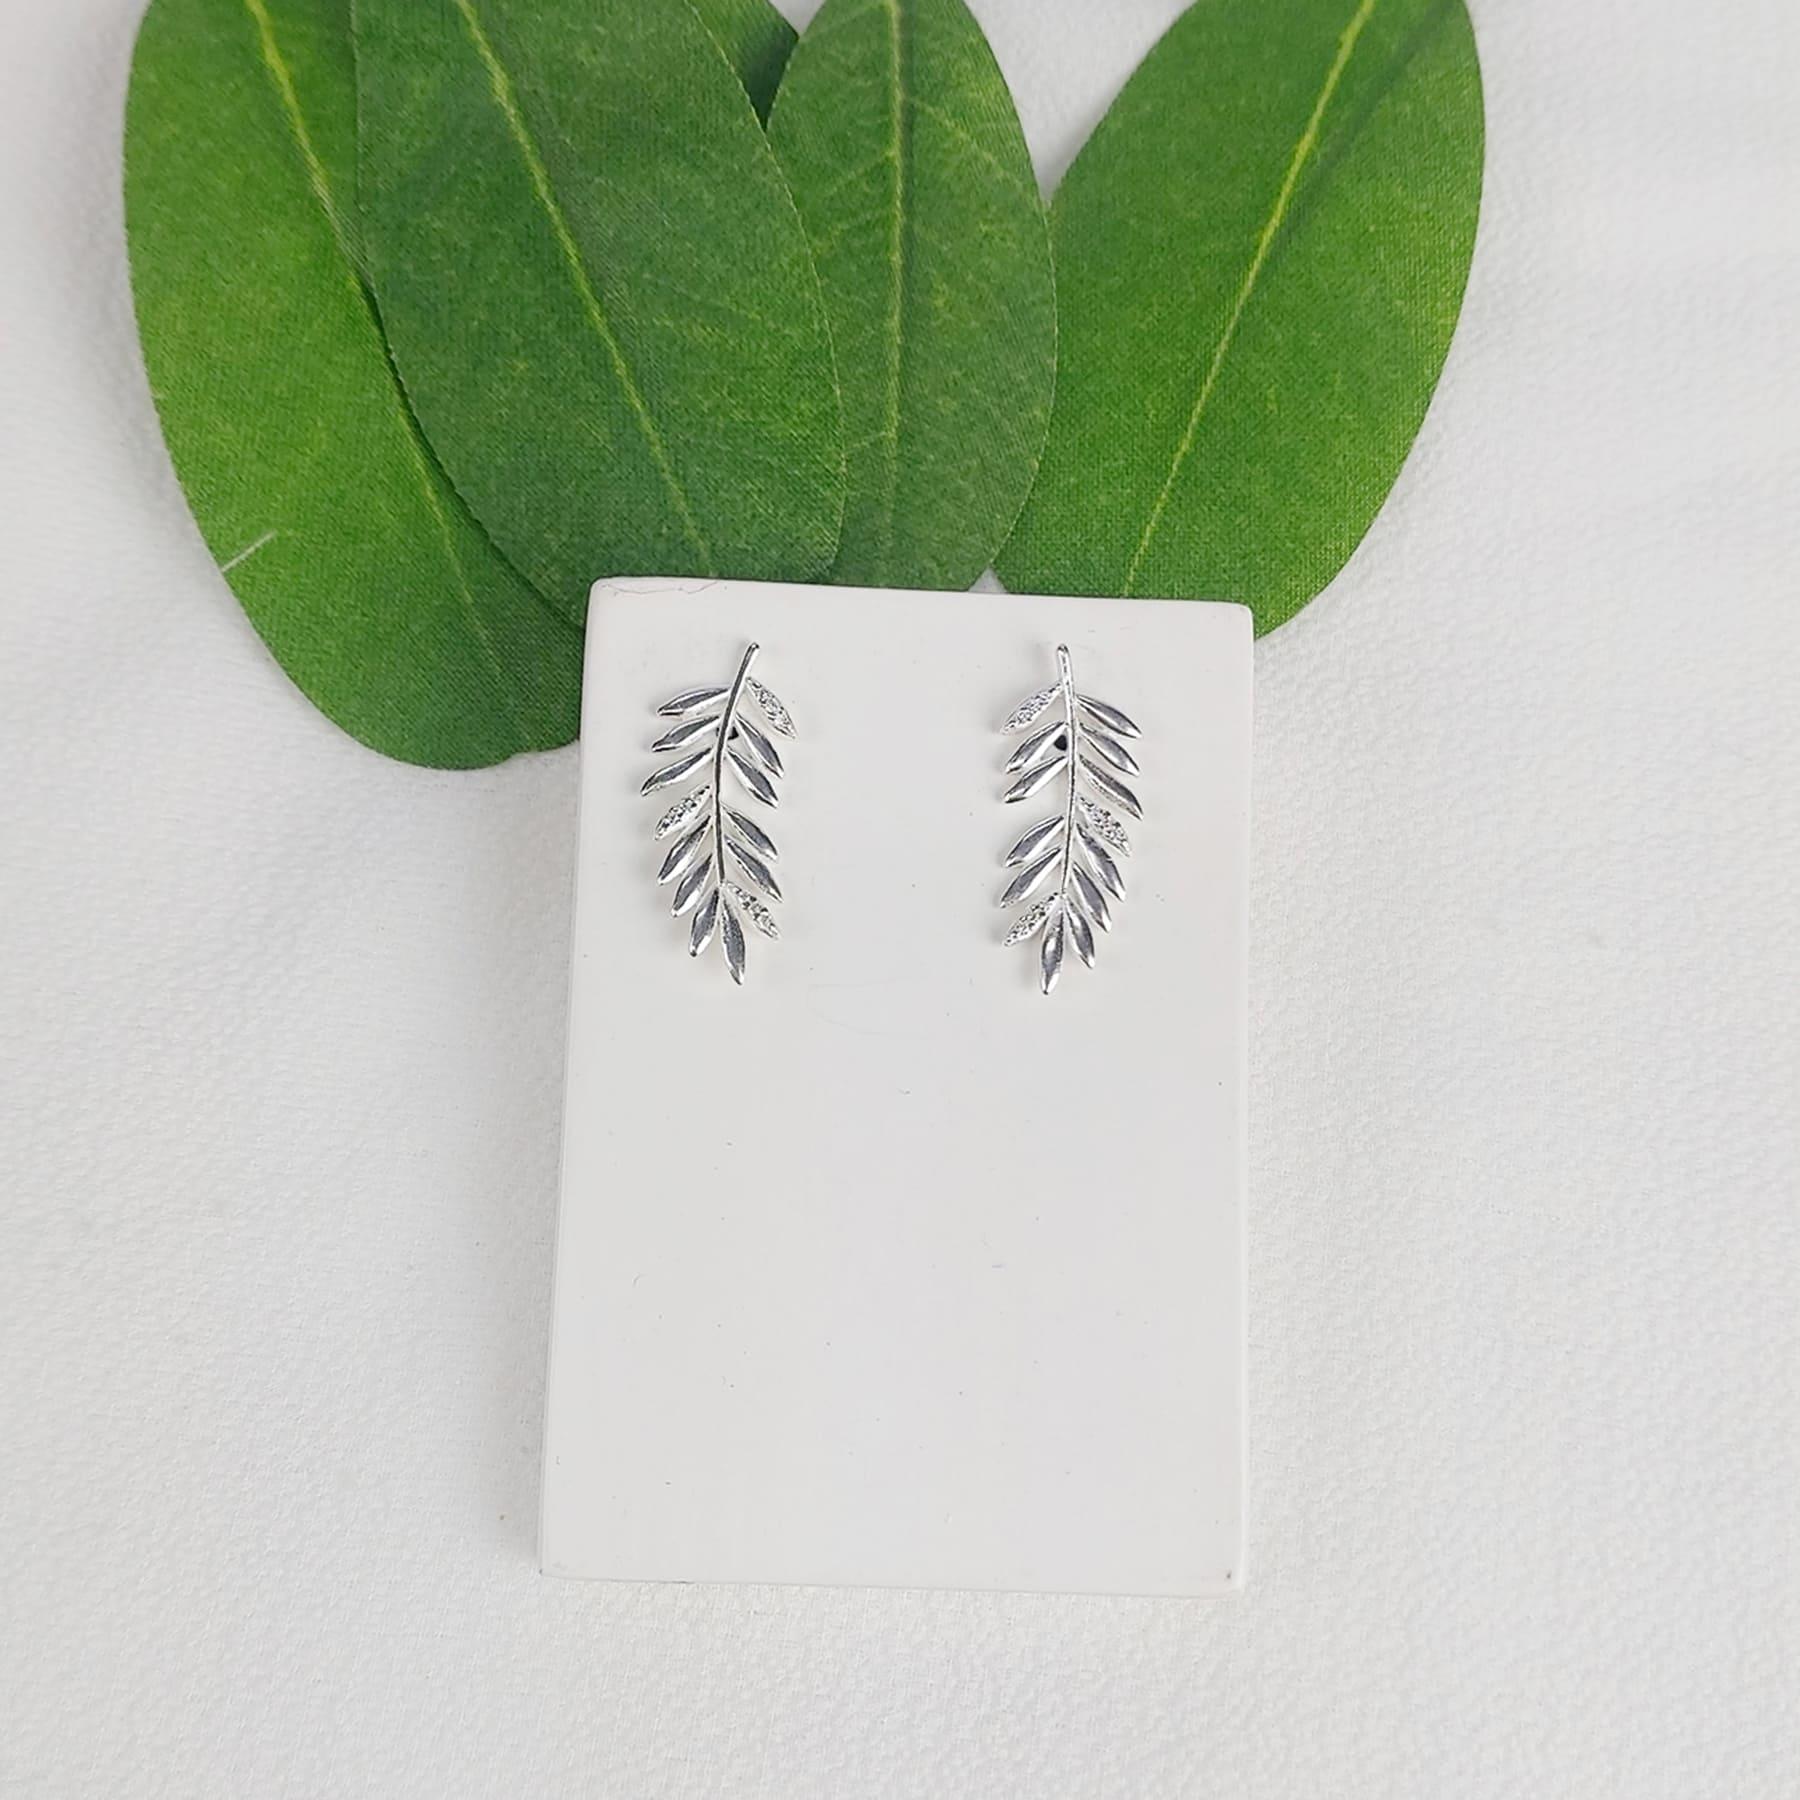 Brinco Prata Folha Com Zircônia - Natureza